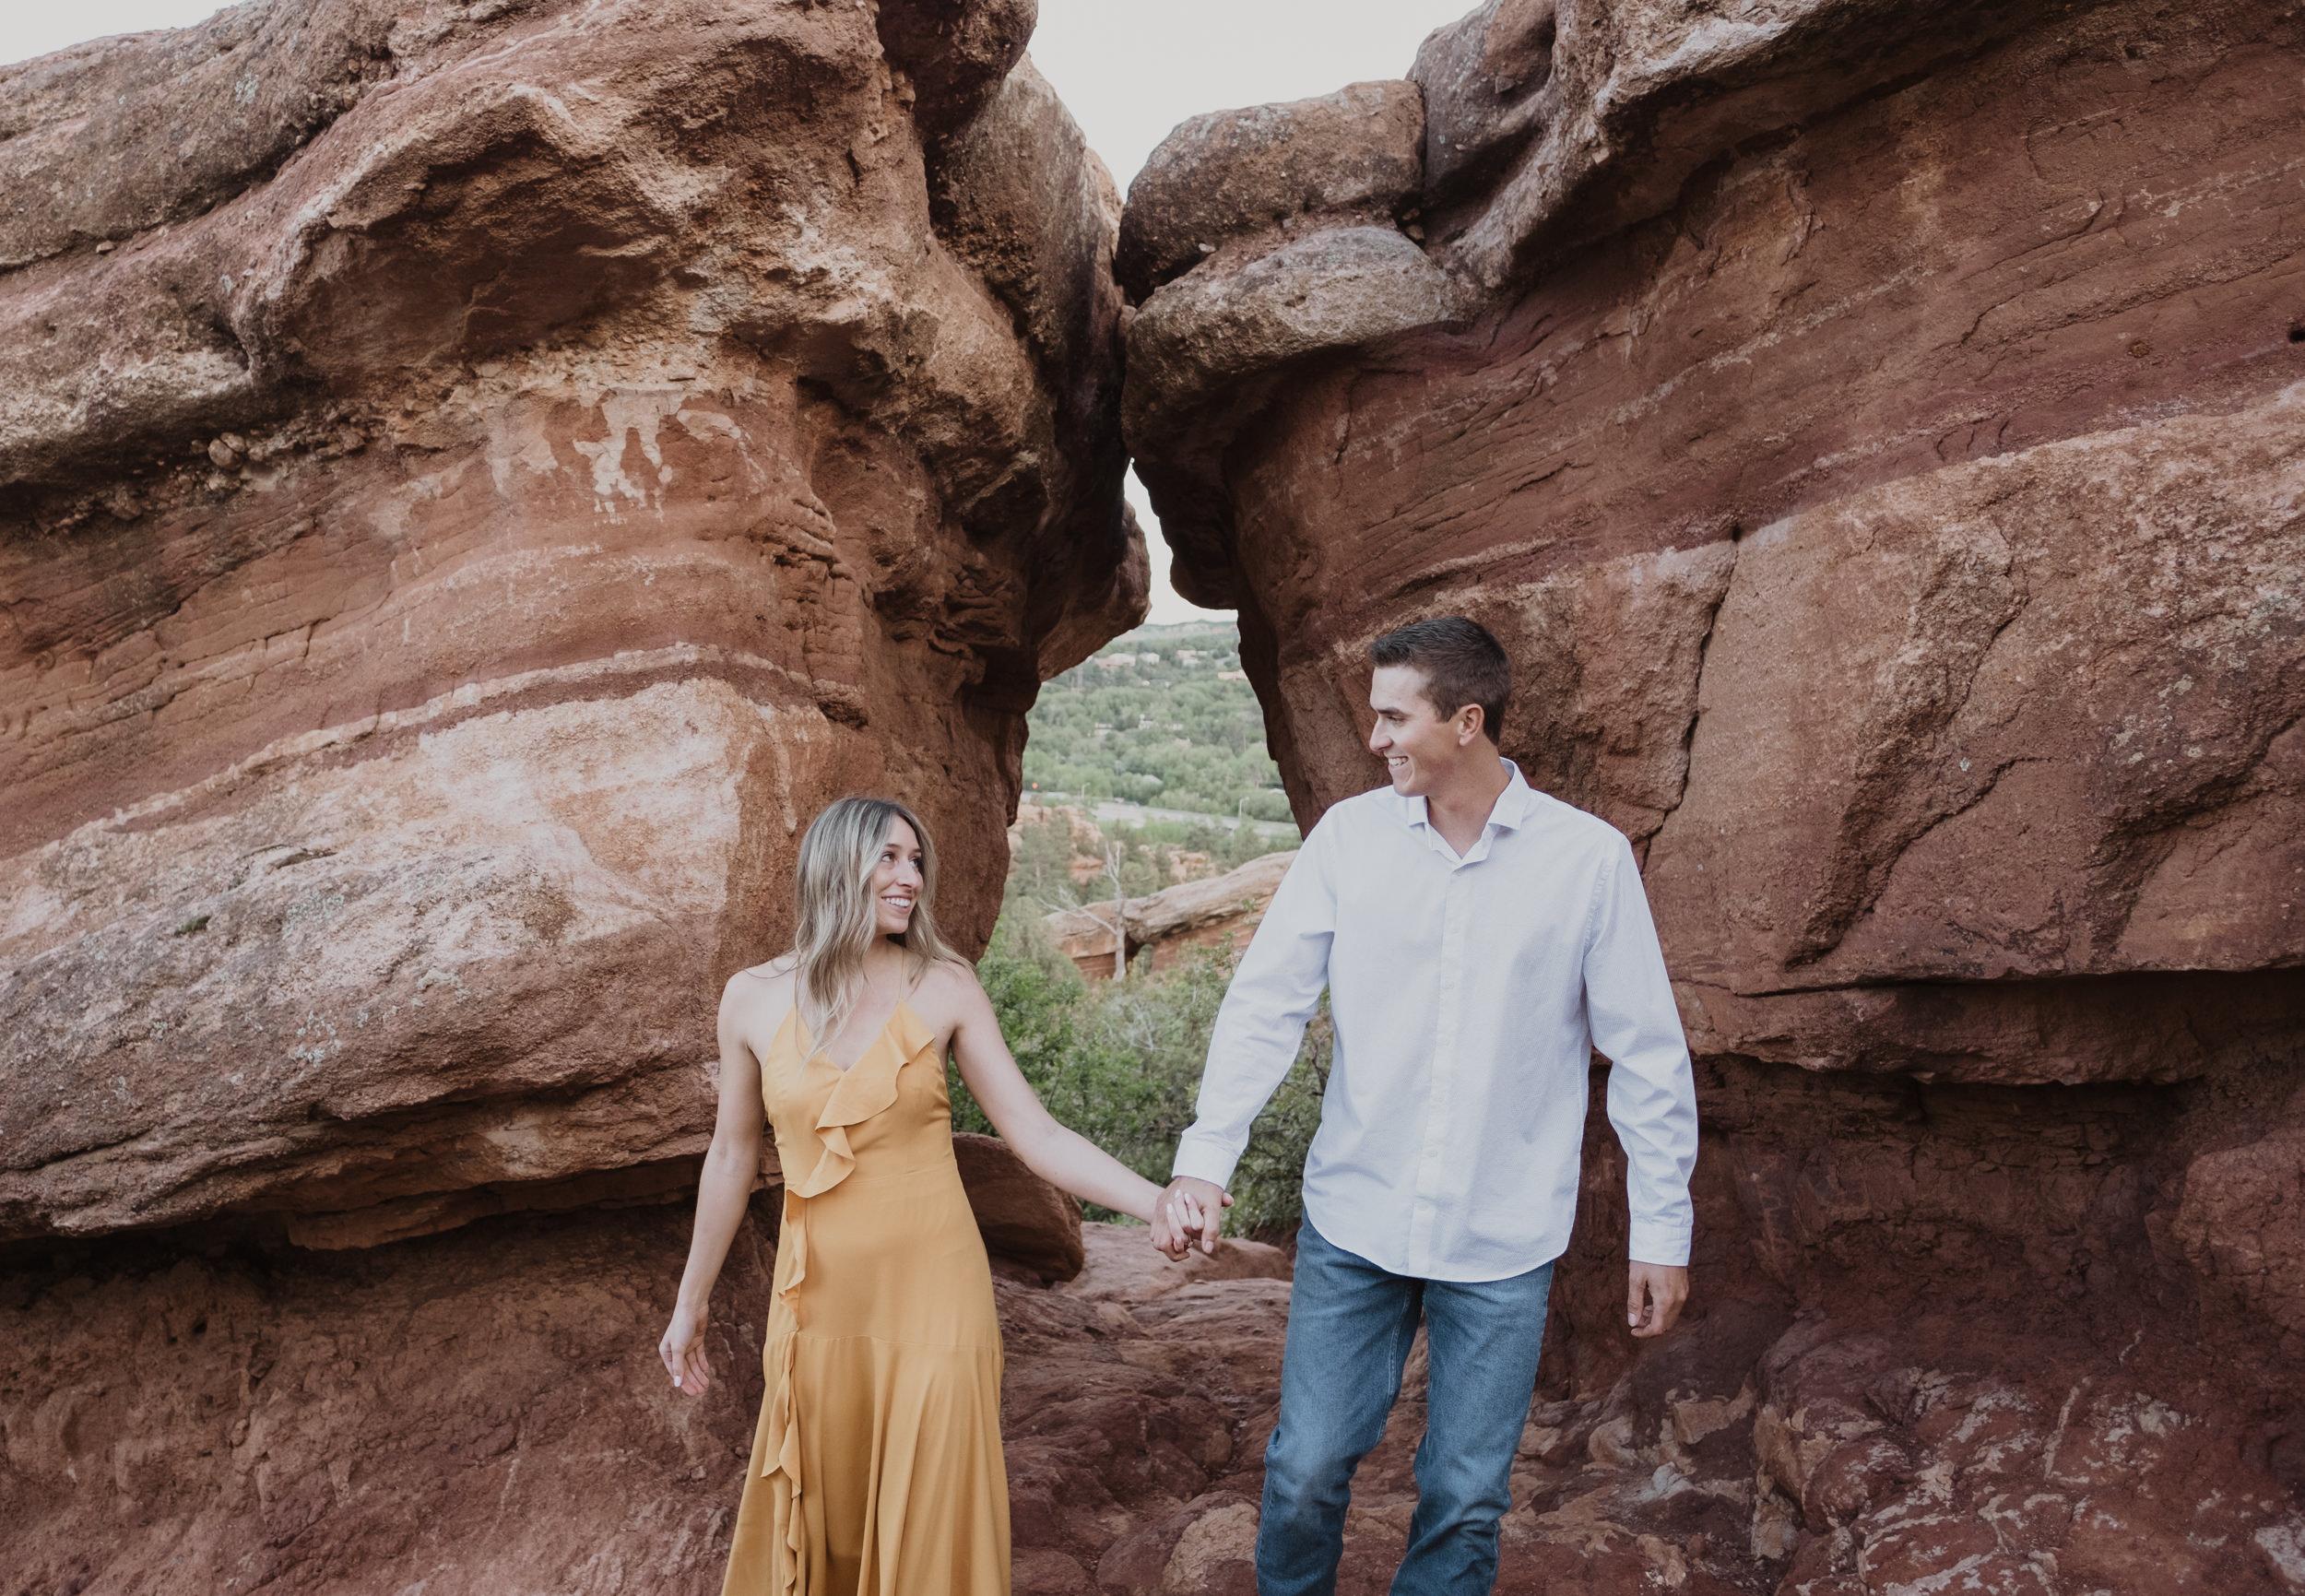 Colorado engagement session photographer. Colorado Springs engagement photos. Garden of the Gods engagement session photography.